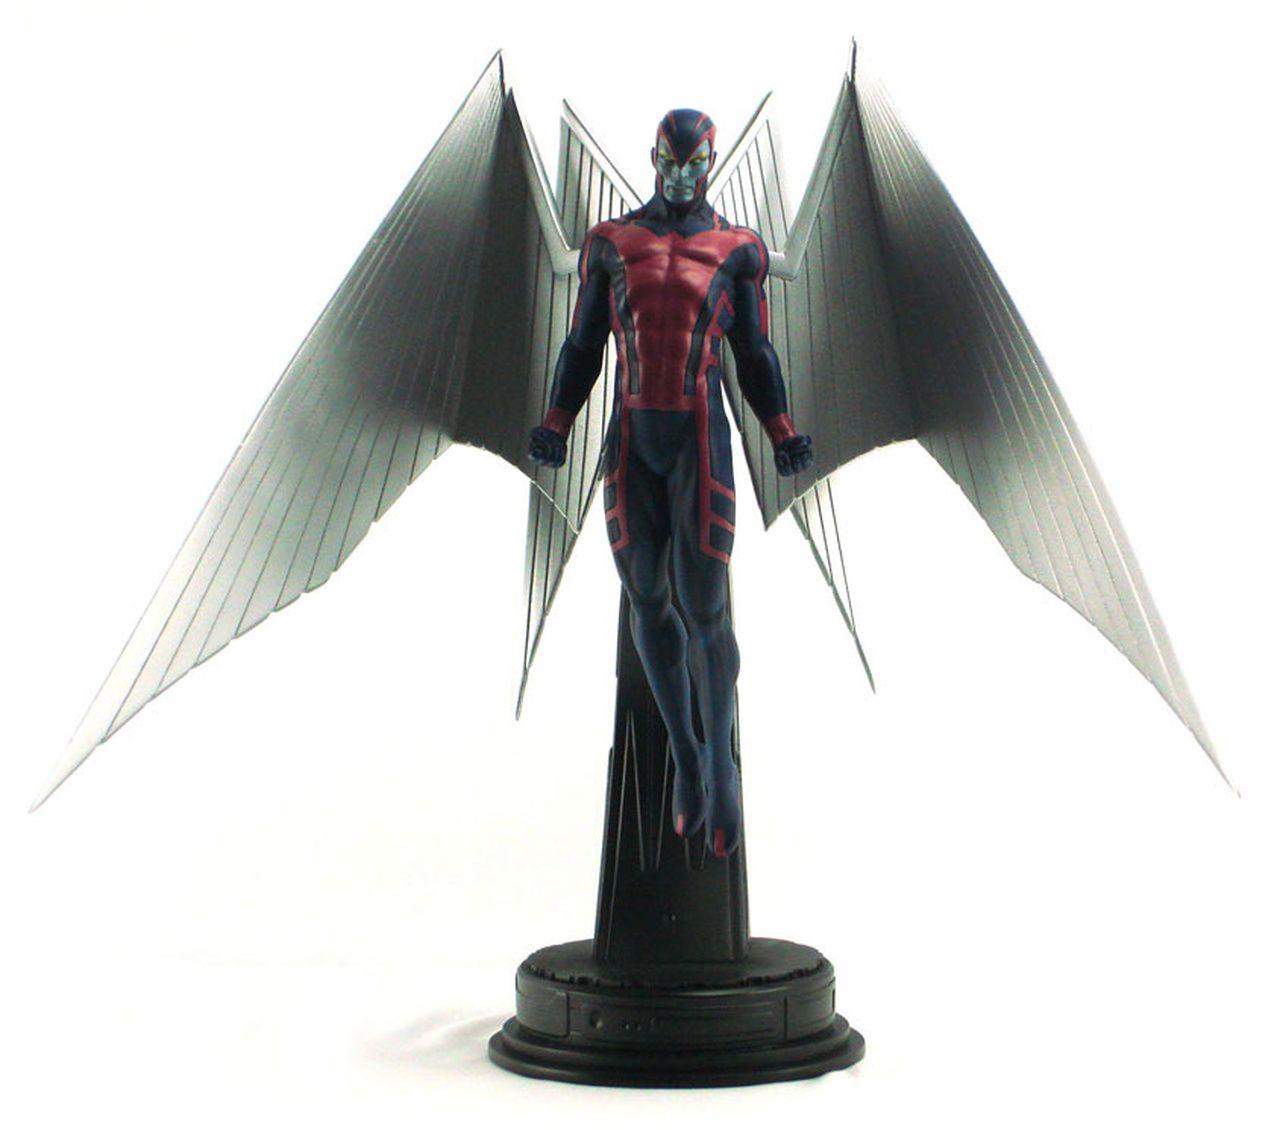 Estátua Arcanjo (Archangel): Marvel Comics (Painted Statue) - Bowen Designs